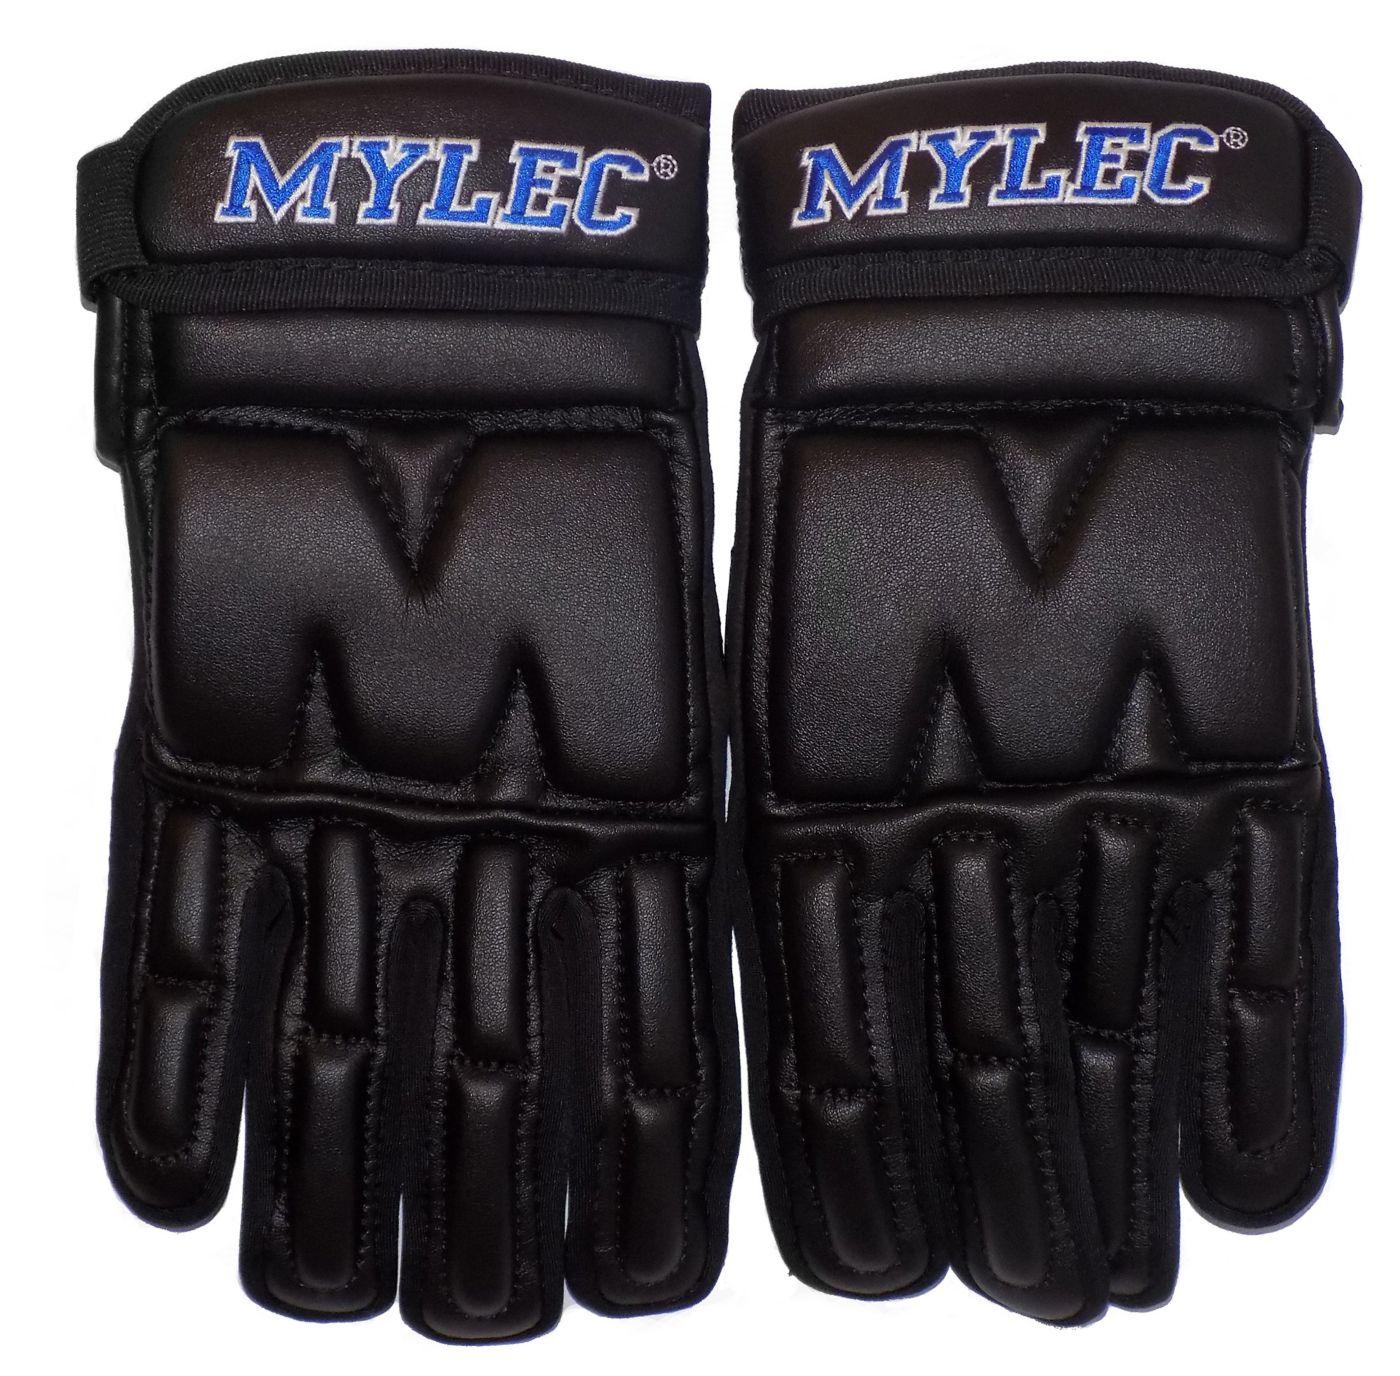 Mylec Senior MK3 Player Street Hockey Gloves